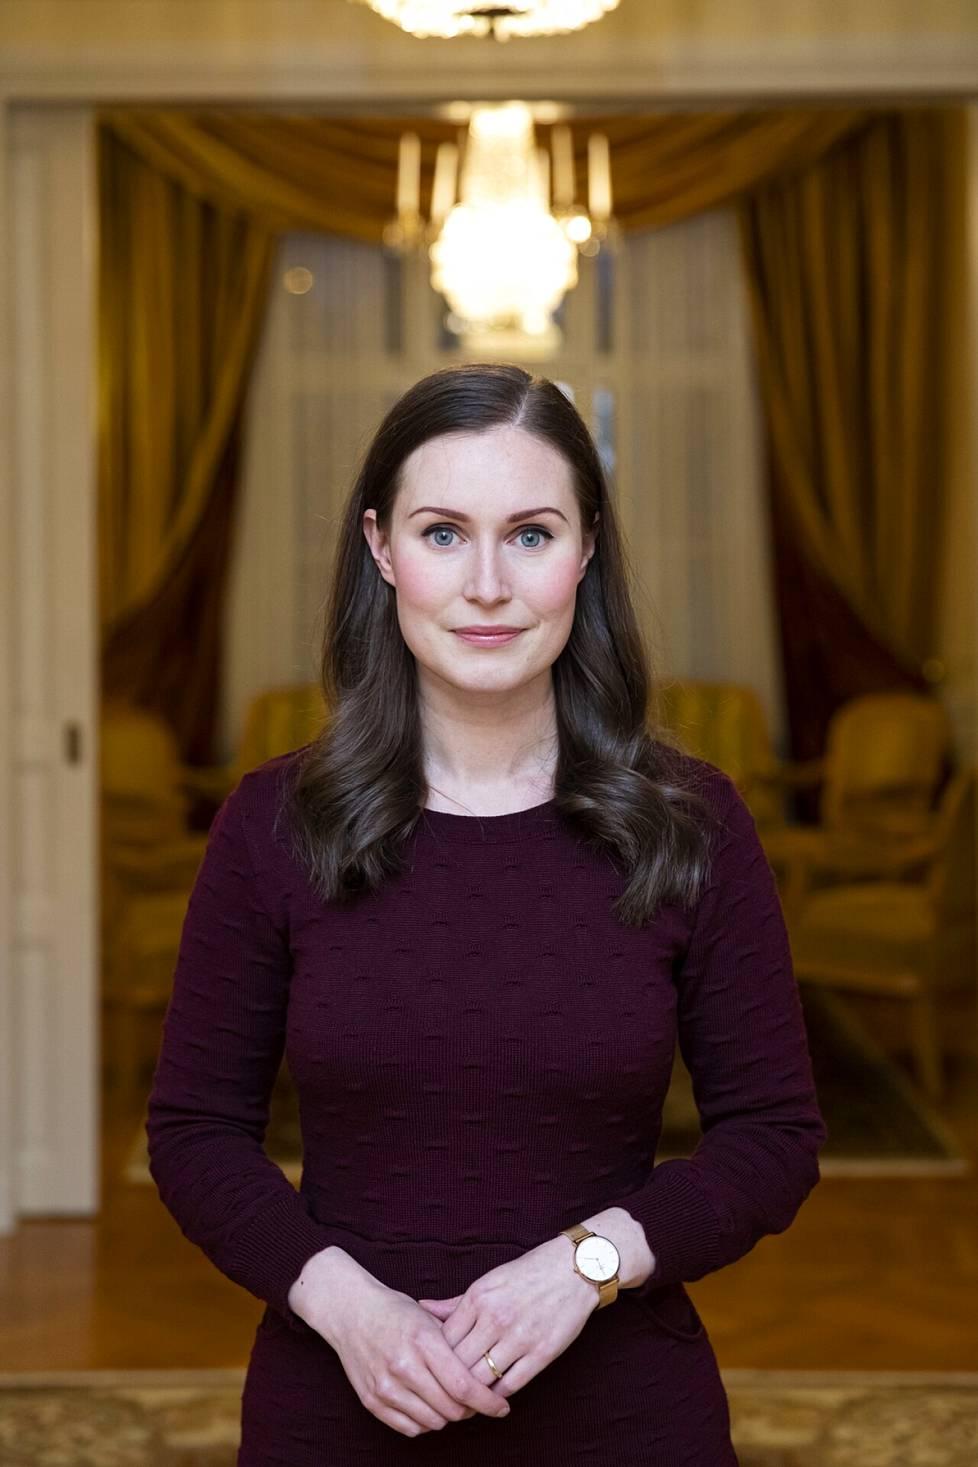 – Politiikan journalisteilta on tullut viestiä, että Marin on etäinen tai hän pitää tiukkoja rajoja julkisuuden suhteen, Anu Koivunen sanoo.